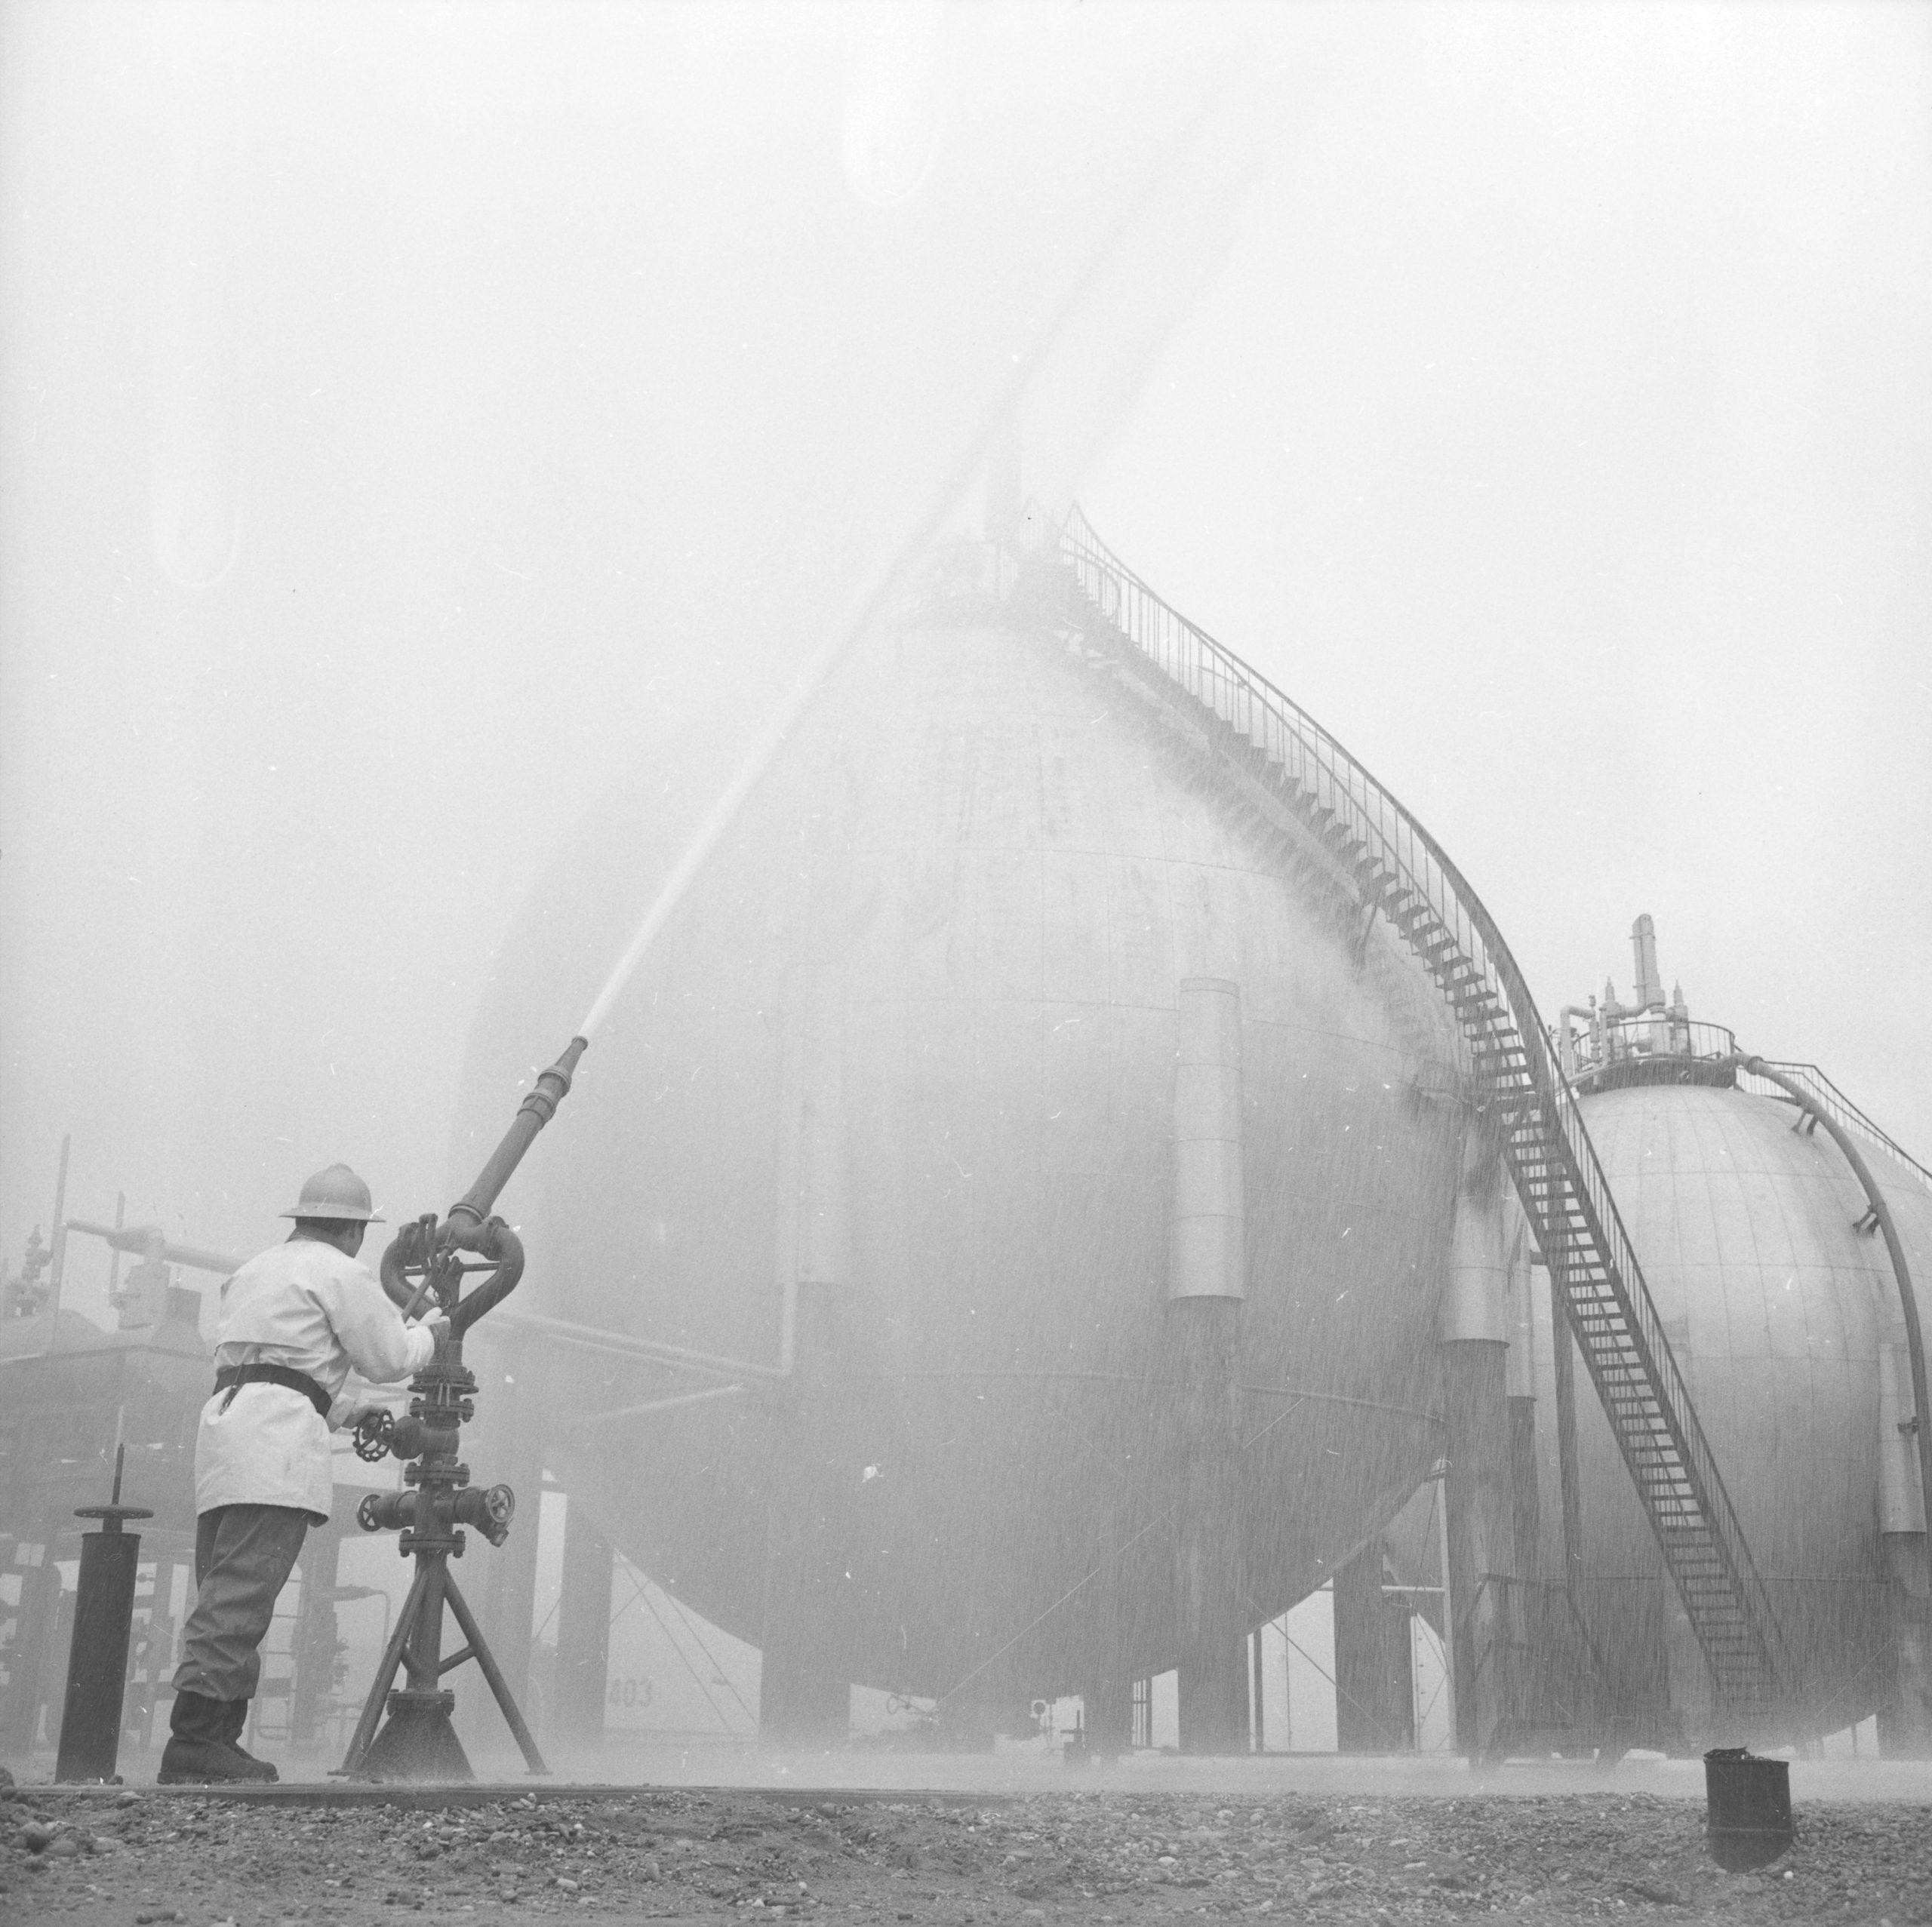 Photographie de la raffinerie de Feyzin : deux sphères contenant les produits chimique sont arrosées par la lance à incendie d'un sapeur-pompier. Photo par George Vermard